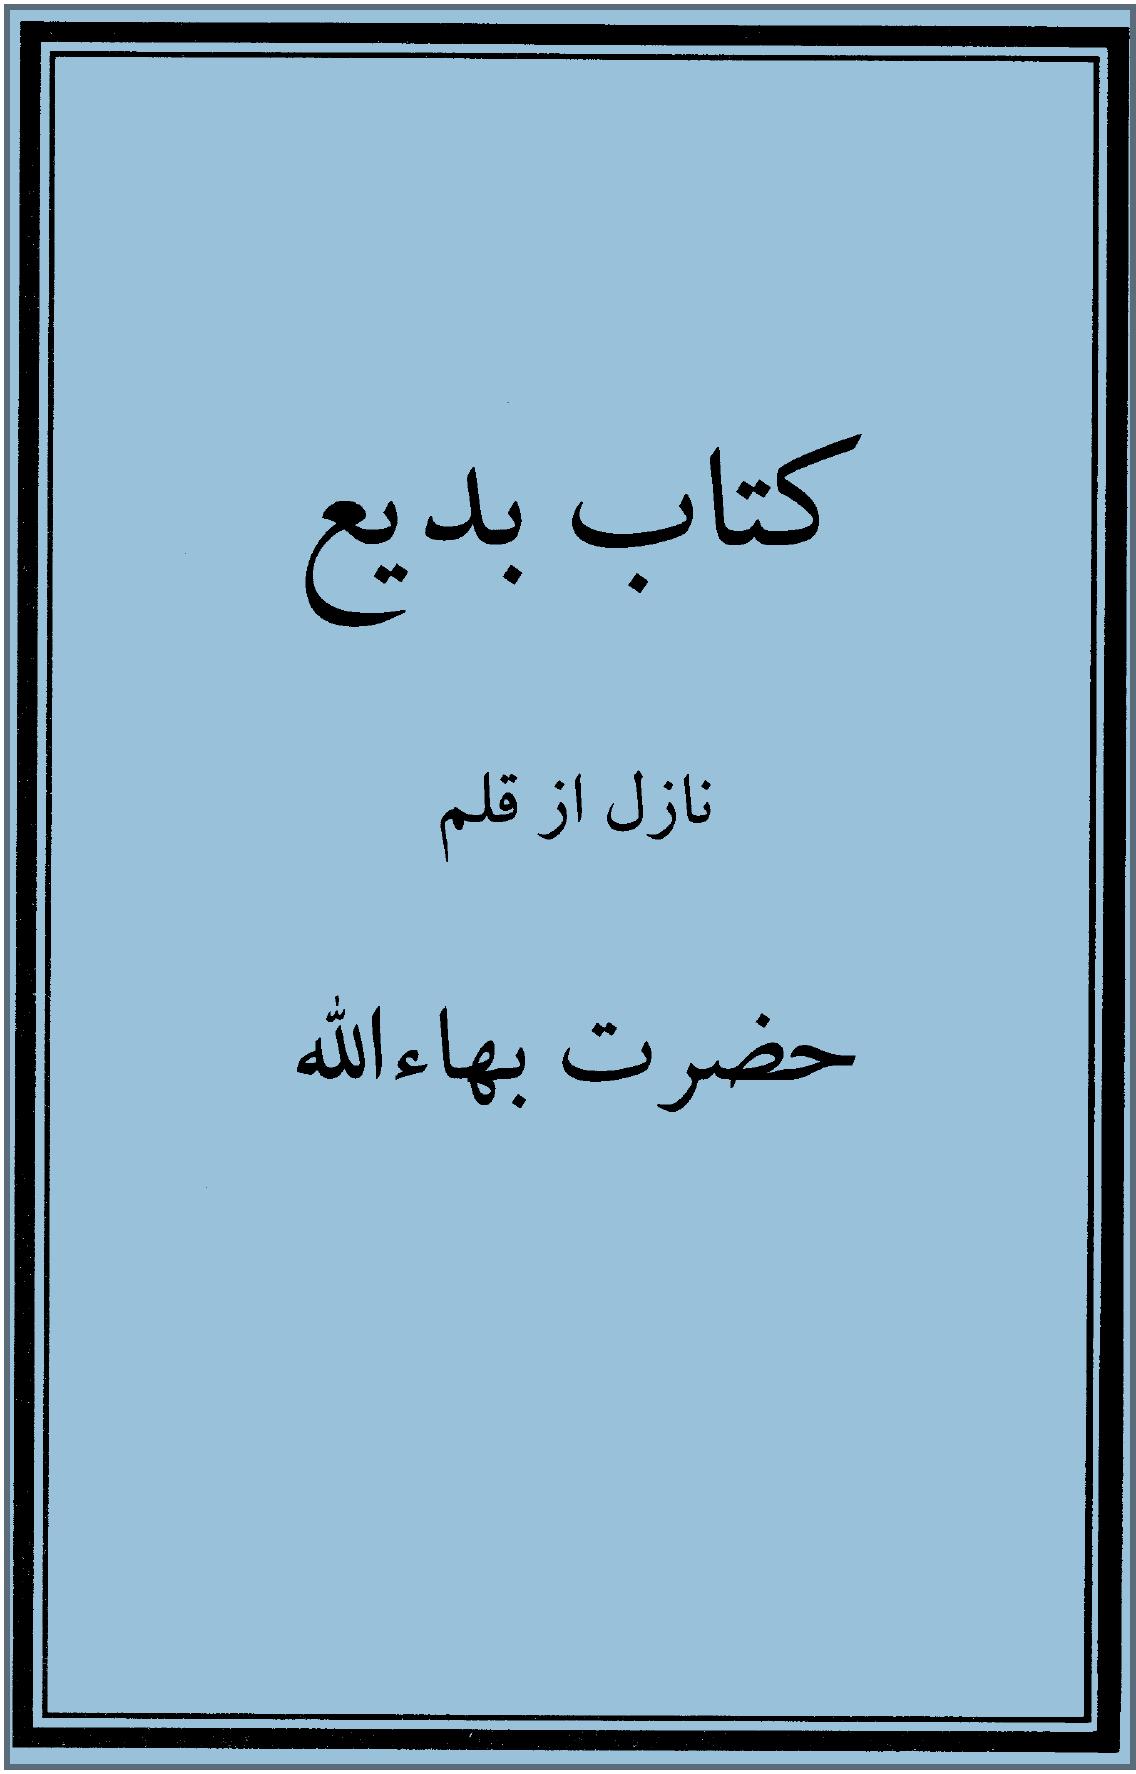 مجموعه آيات الهى Book